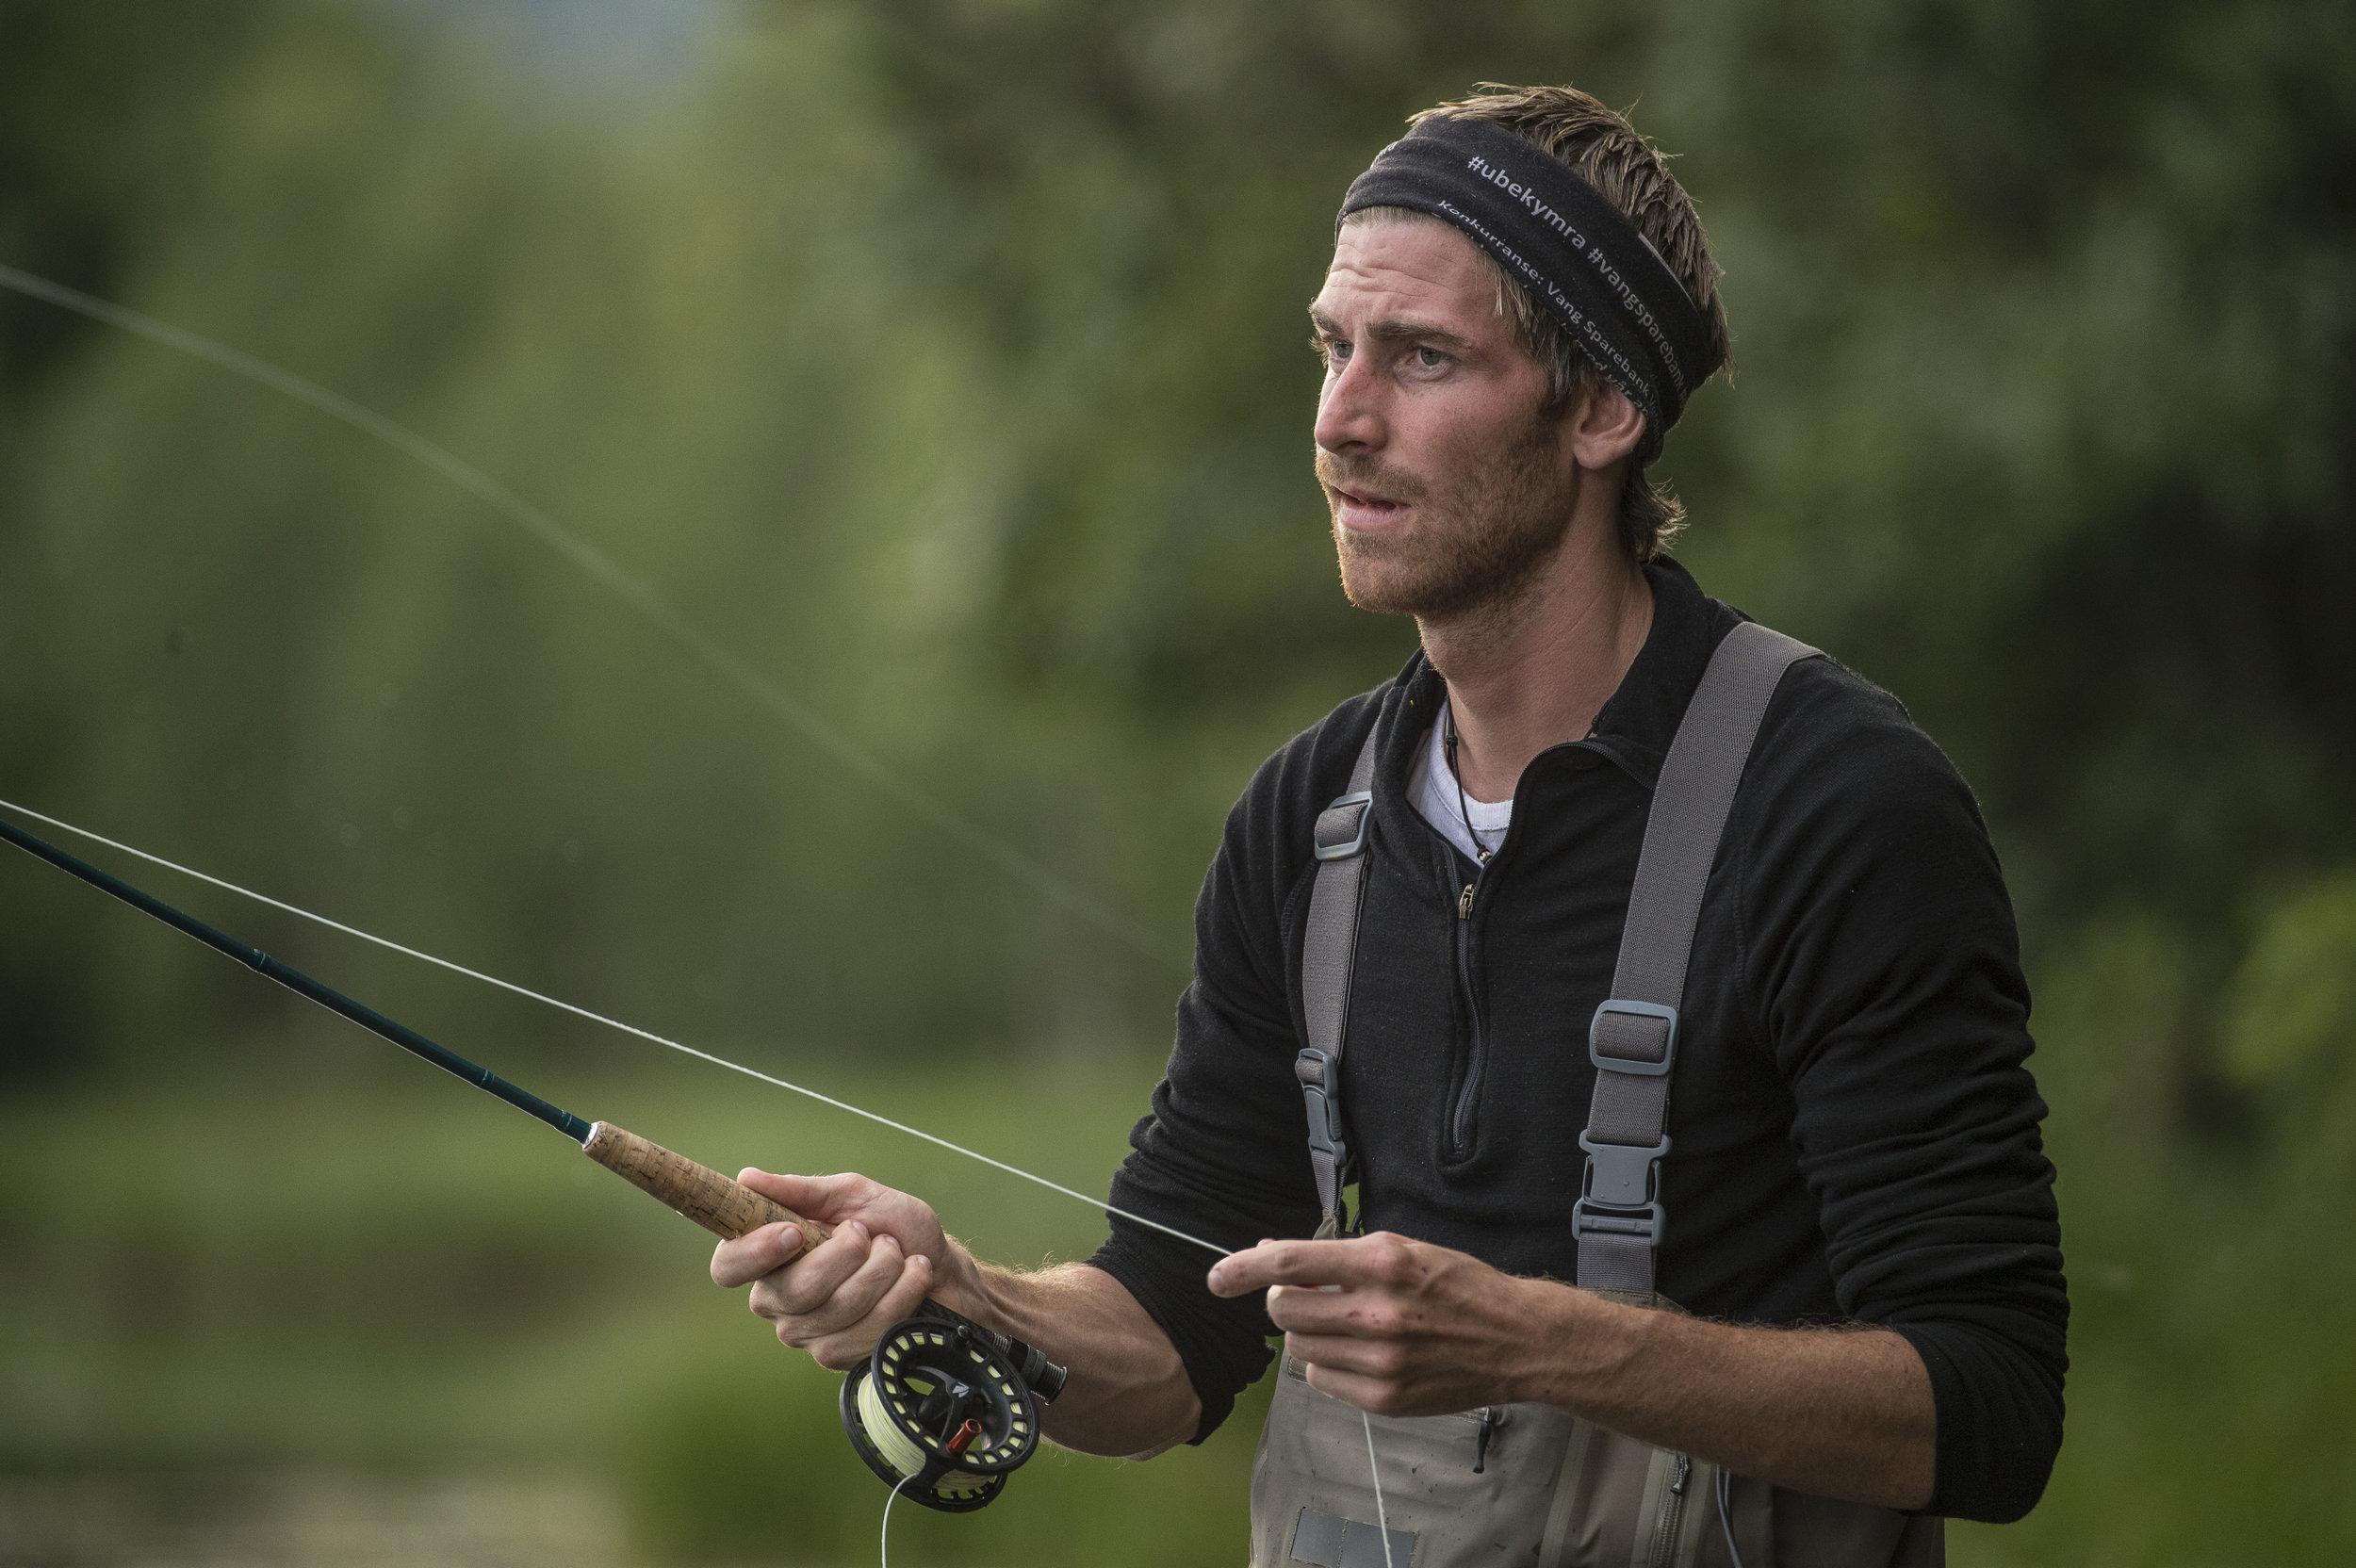 Buaråne - Buaråne er en elvestubb på ca. 1 km som renner fra Mosvatnet og inn i Storfjorden. Elva er stilleflytende, med både grunne og dypere kulper. Østsiden er lettest tilgjengelig å fiske fra. Her kan både mark, tørrflue, våtflue og små spinnere gi fisk på kroken. Hvert år arrangerer Vestre Slidre Fjellstyre fiskedag på Buaråne. Den er som regel andre søndag i juli. Her får du: Ørret, Abbor